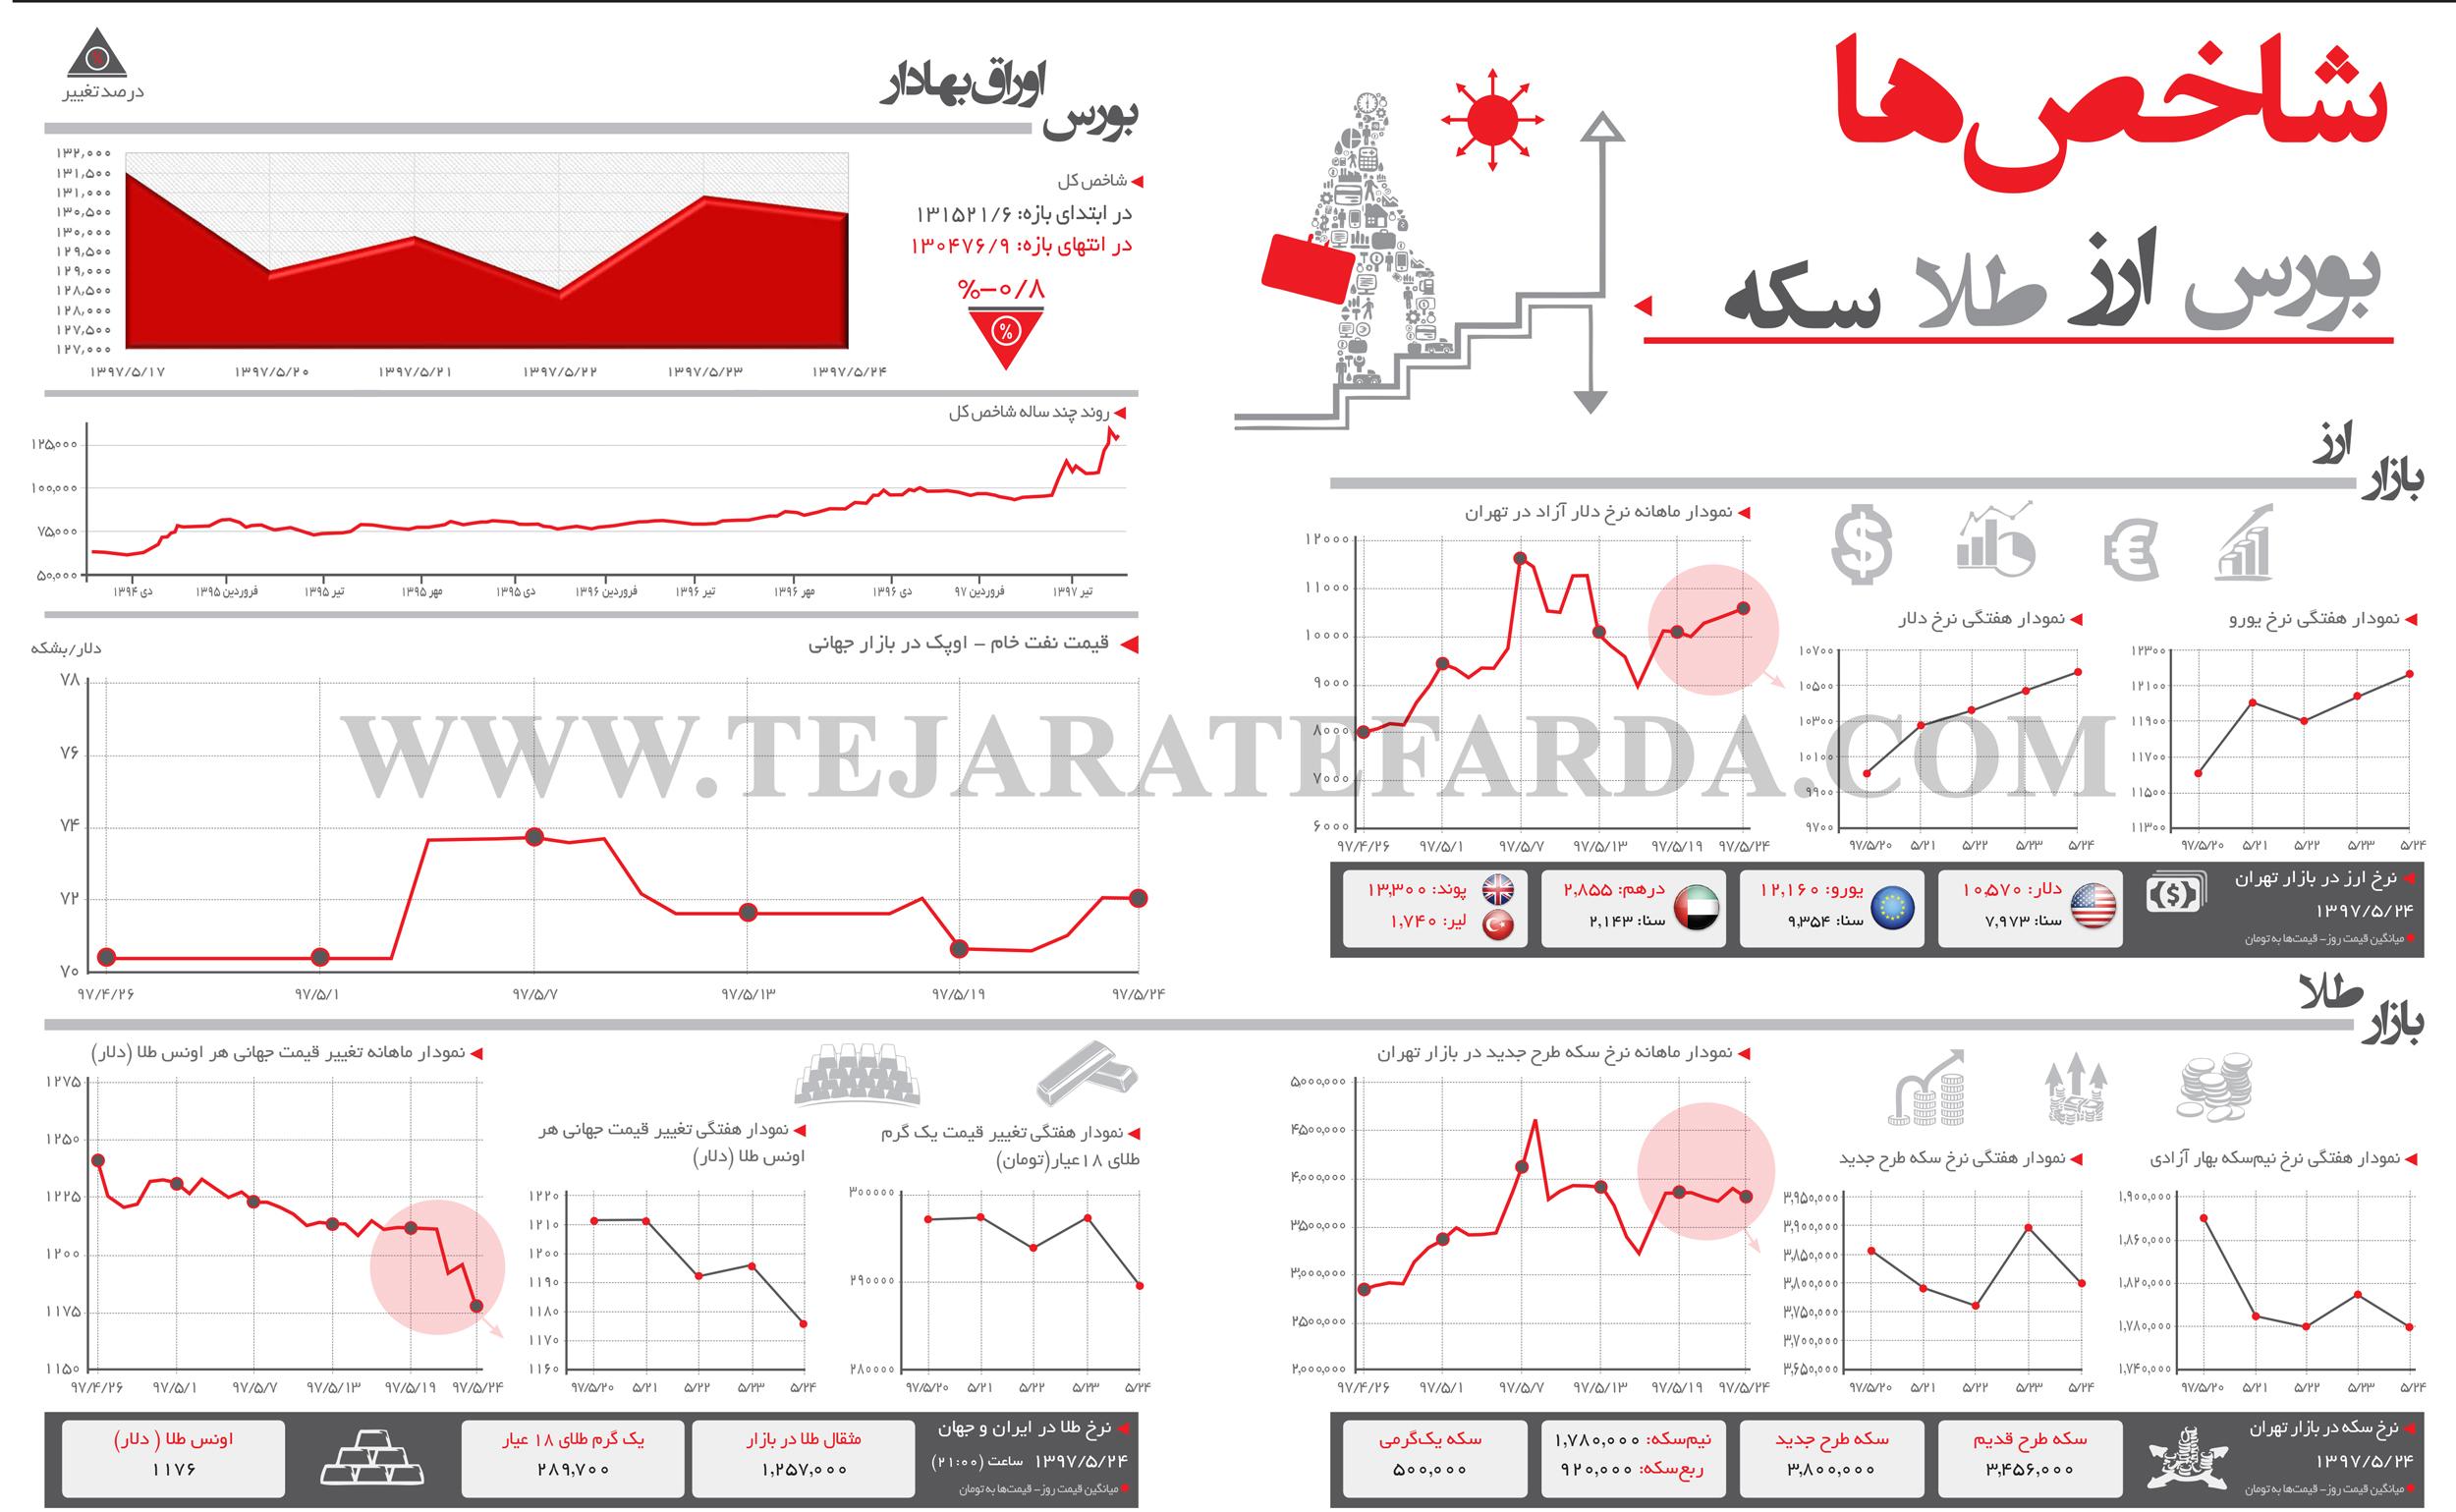 تجارت فردا- اینفوگرافیک- شاخصهای اقتصادی 281